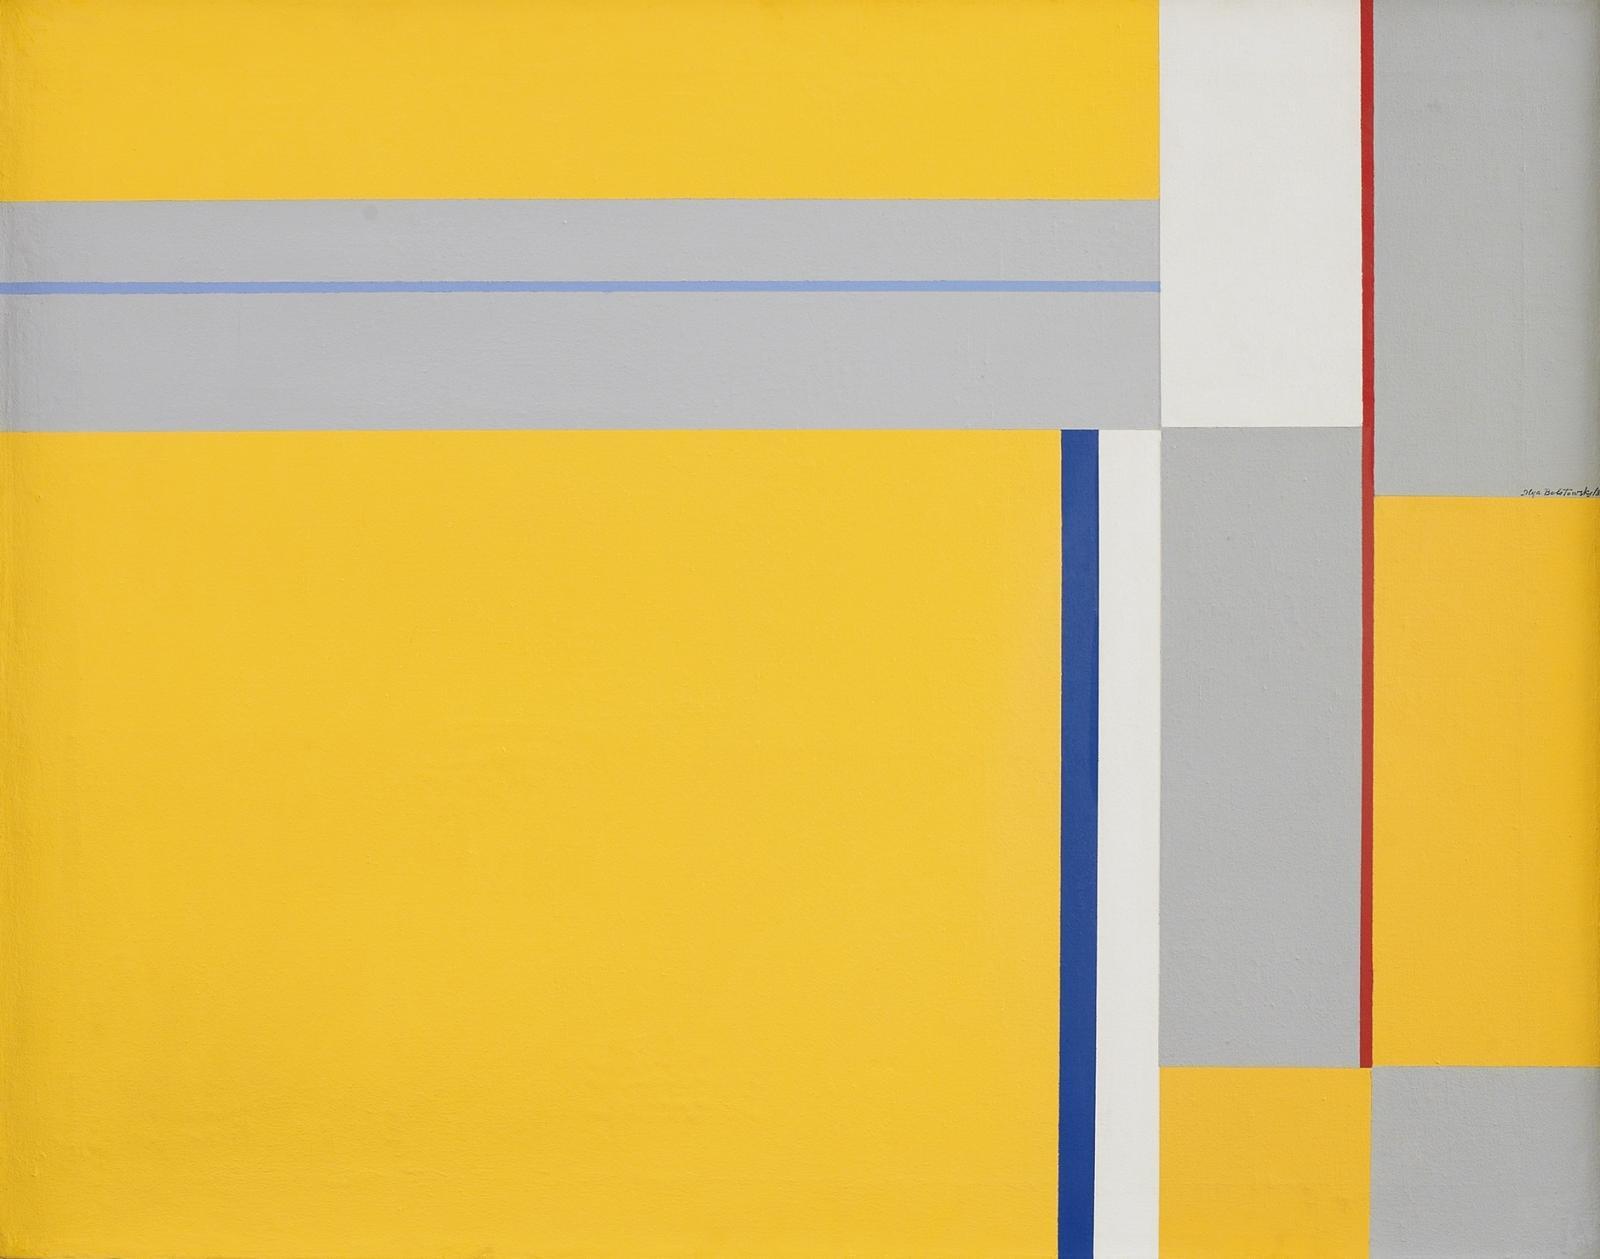 Ilya Bolotowsky, Untitled, 1981